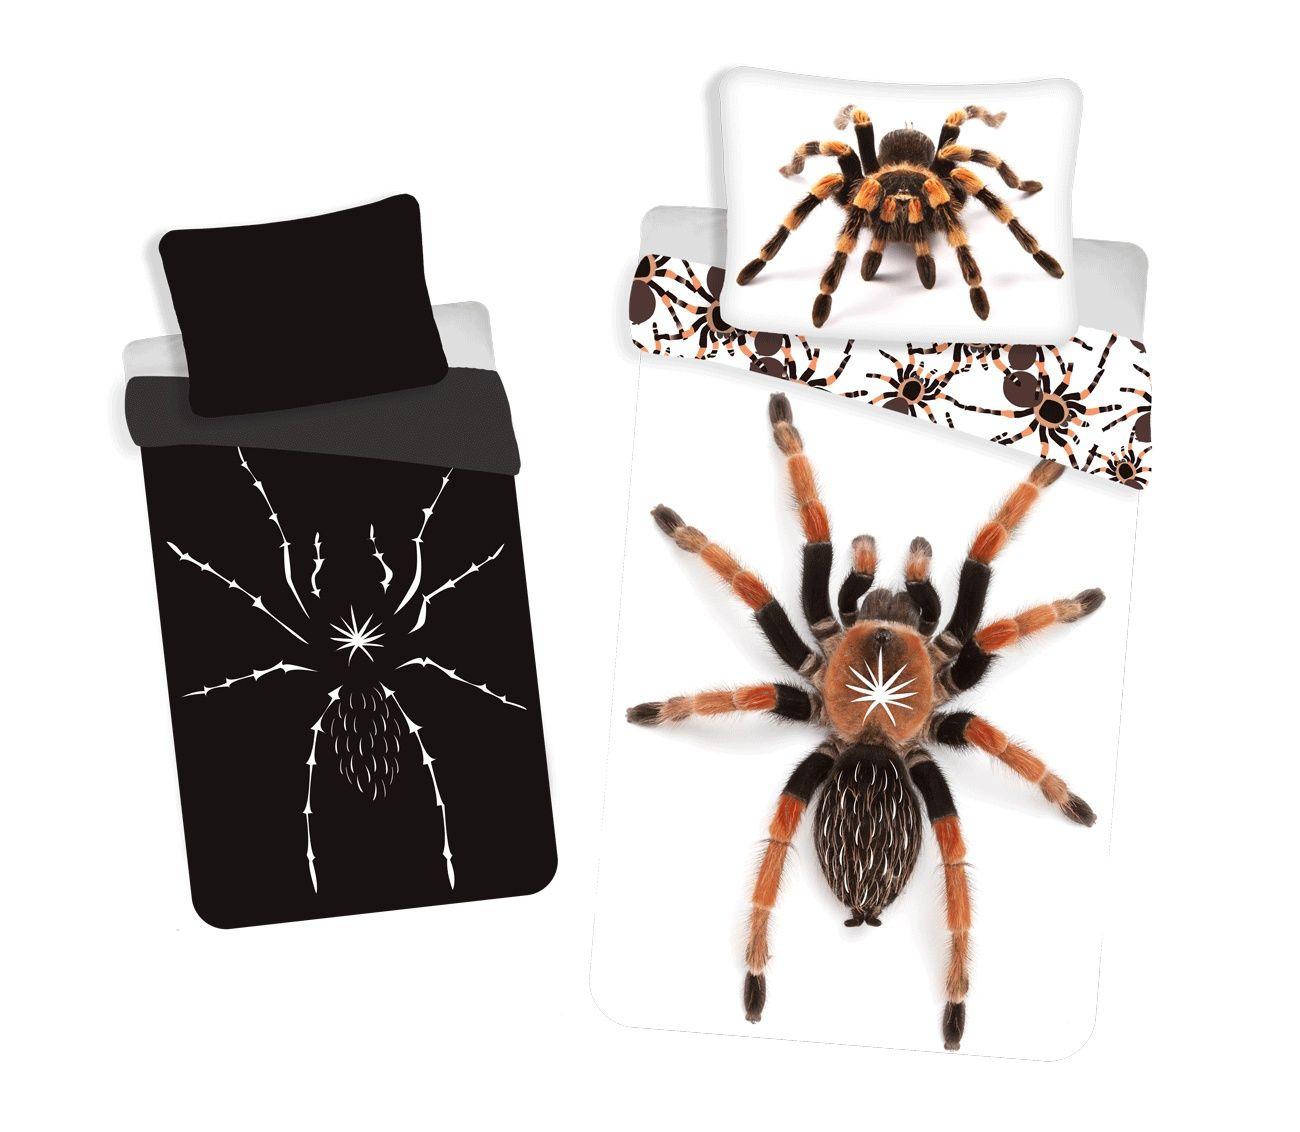 Moderní bavlněné povlečení s motivem pavouka svítícího ve tmě, Jerry Fabrics